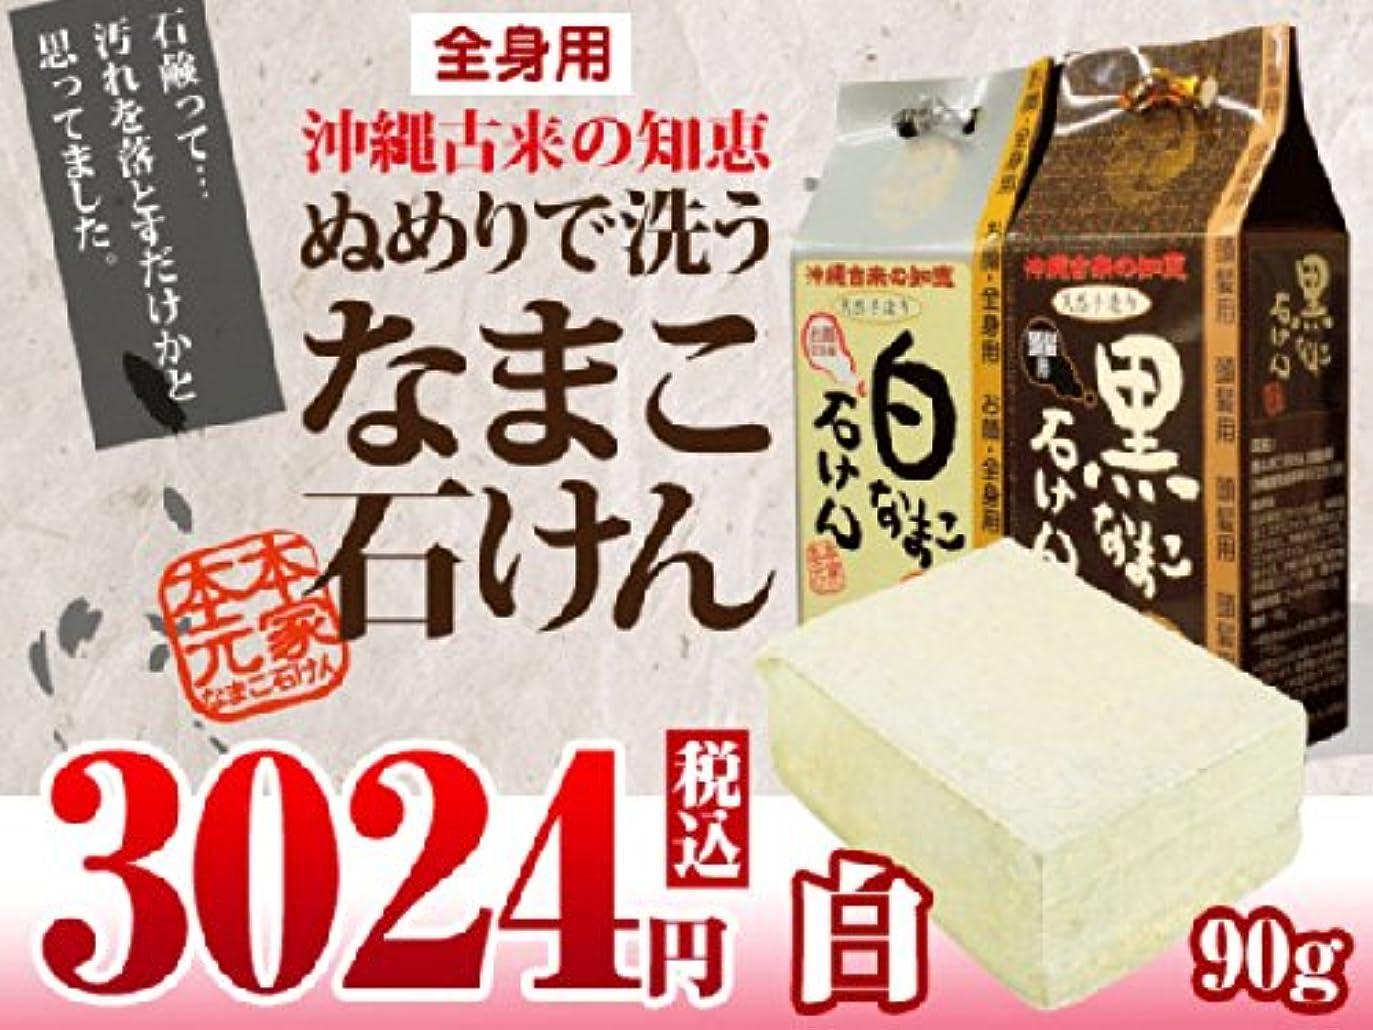 壮大な乏しい記念日白なまこ石けん 箱入り なまこ石鹸 90g【全身用】 コラーゲンのぬめりで洗う